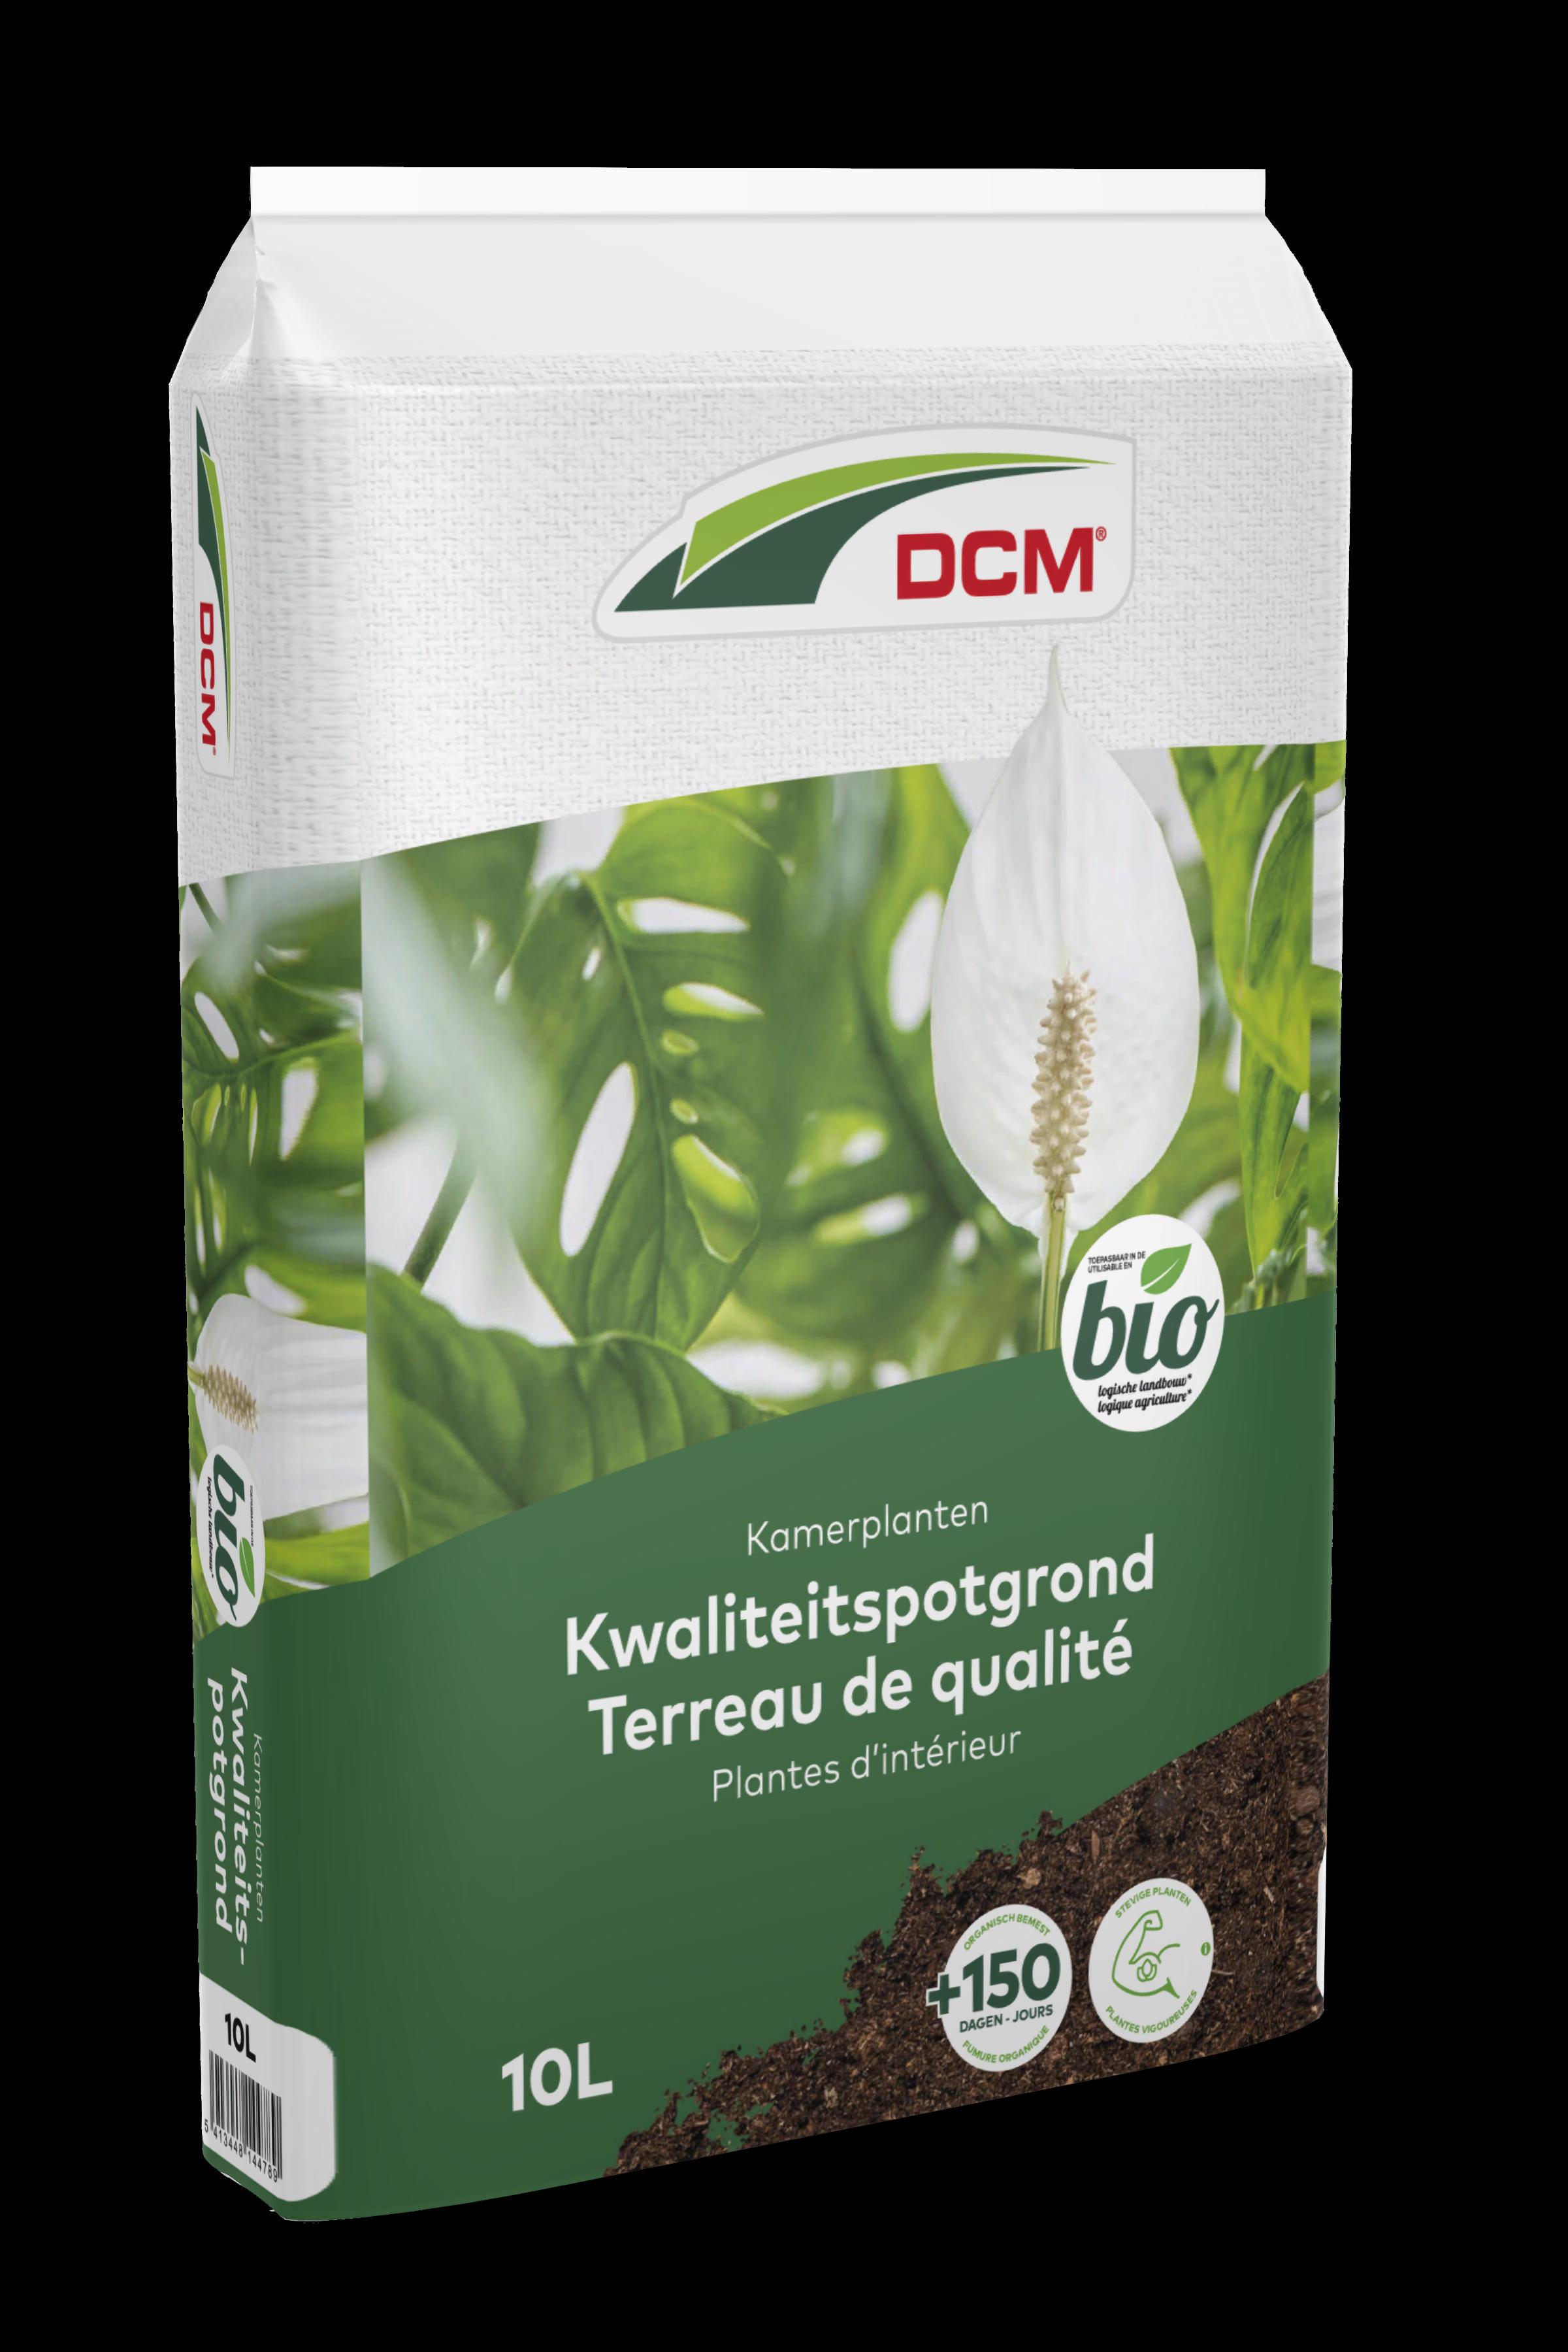 Kwaliteitspotgrond voor kamerplanten